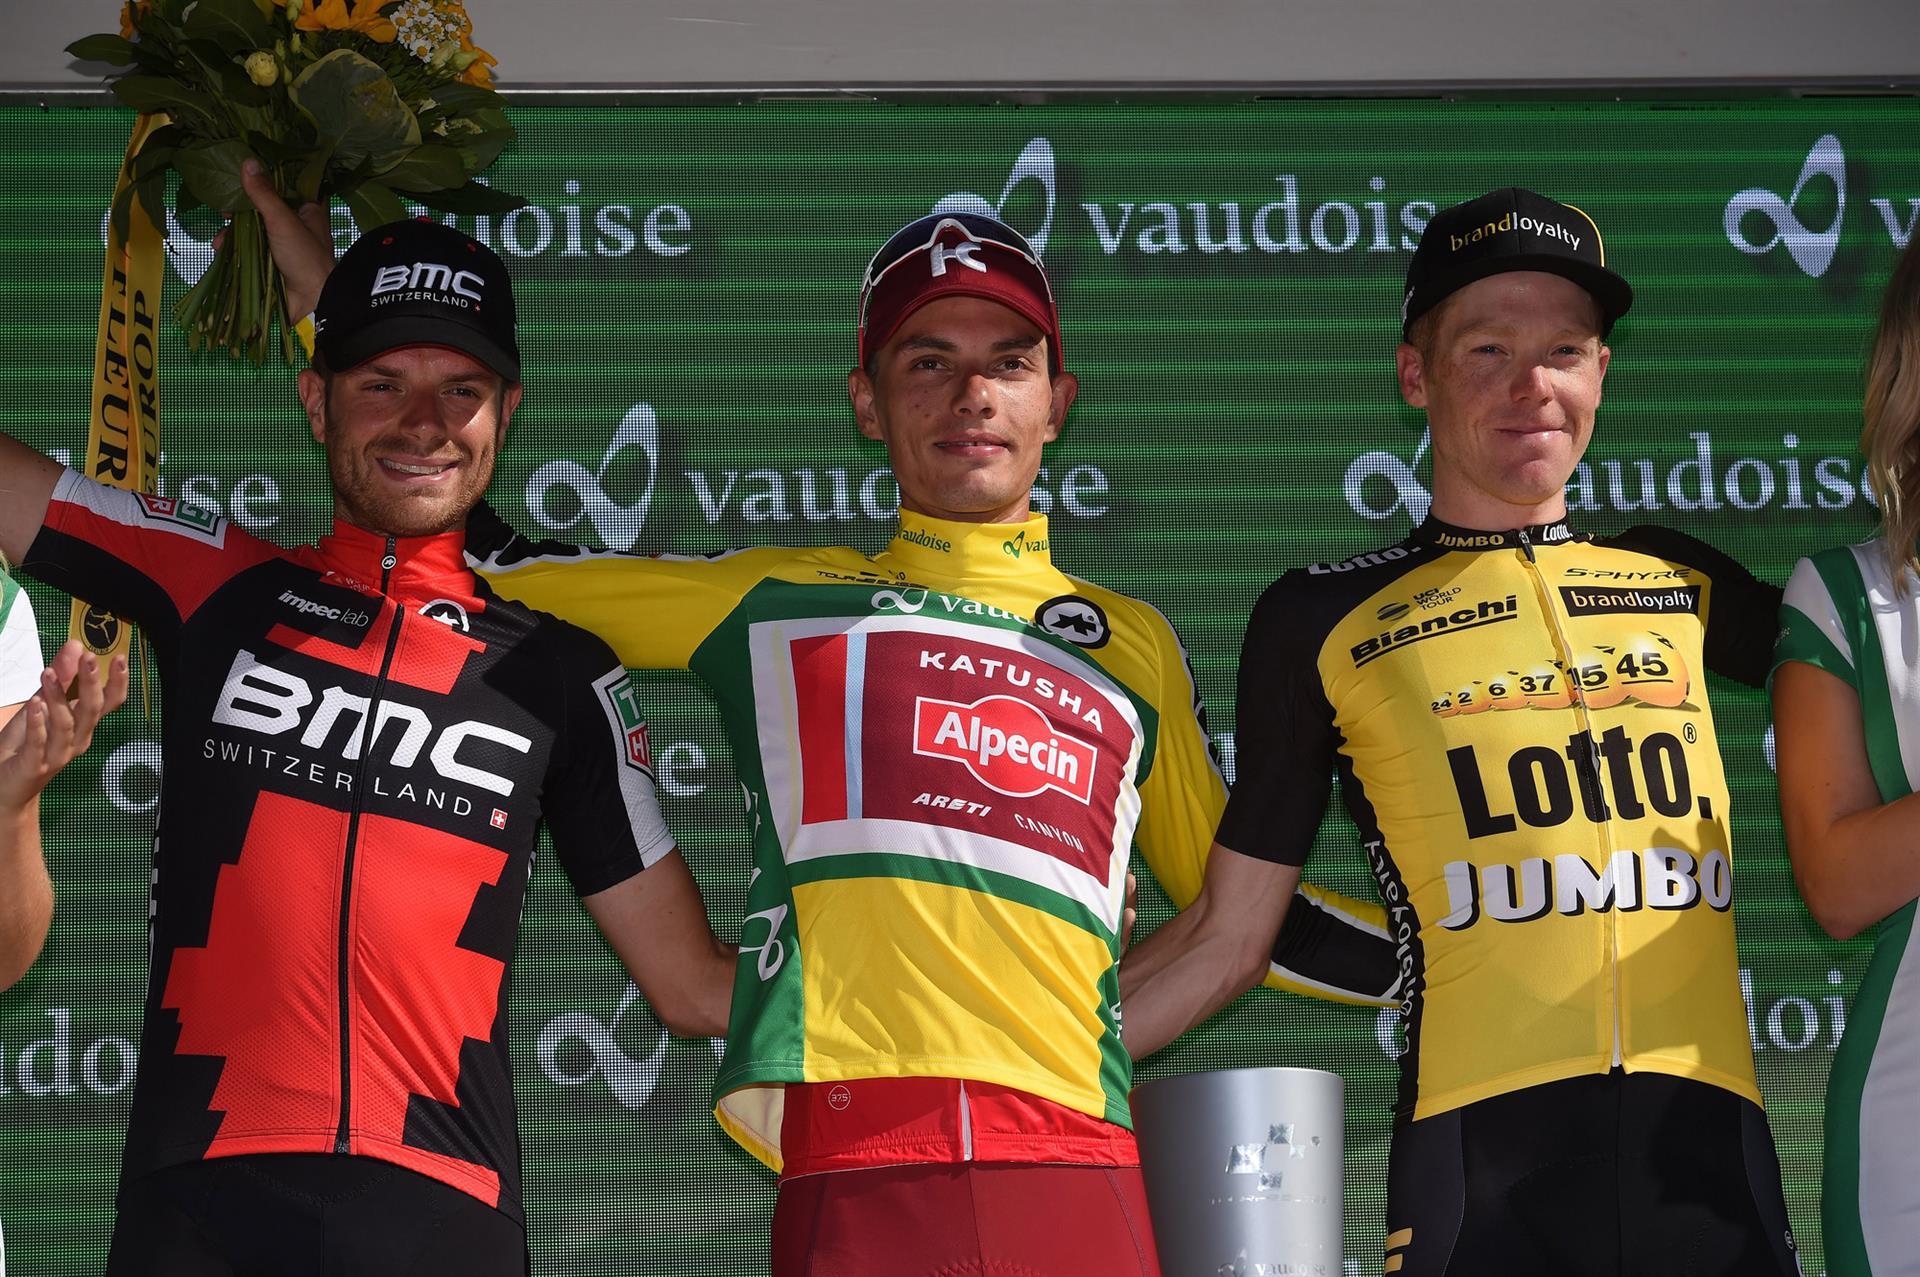 Podio Tour de Suisse